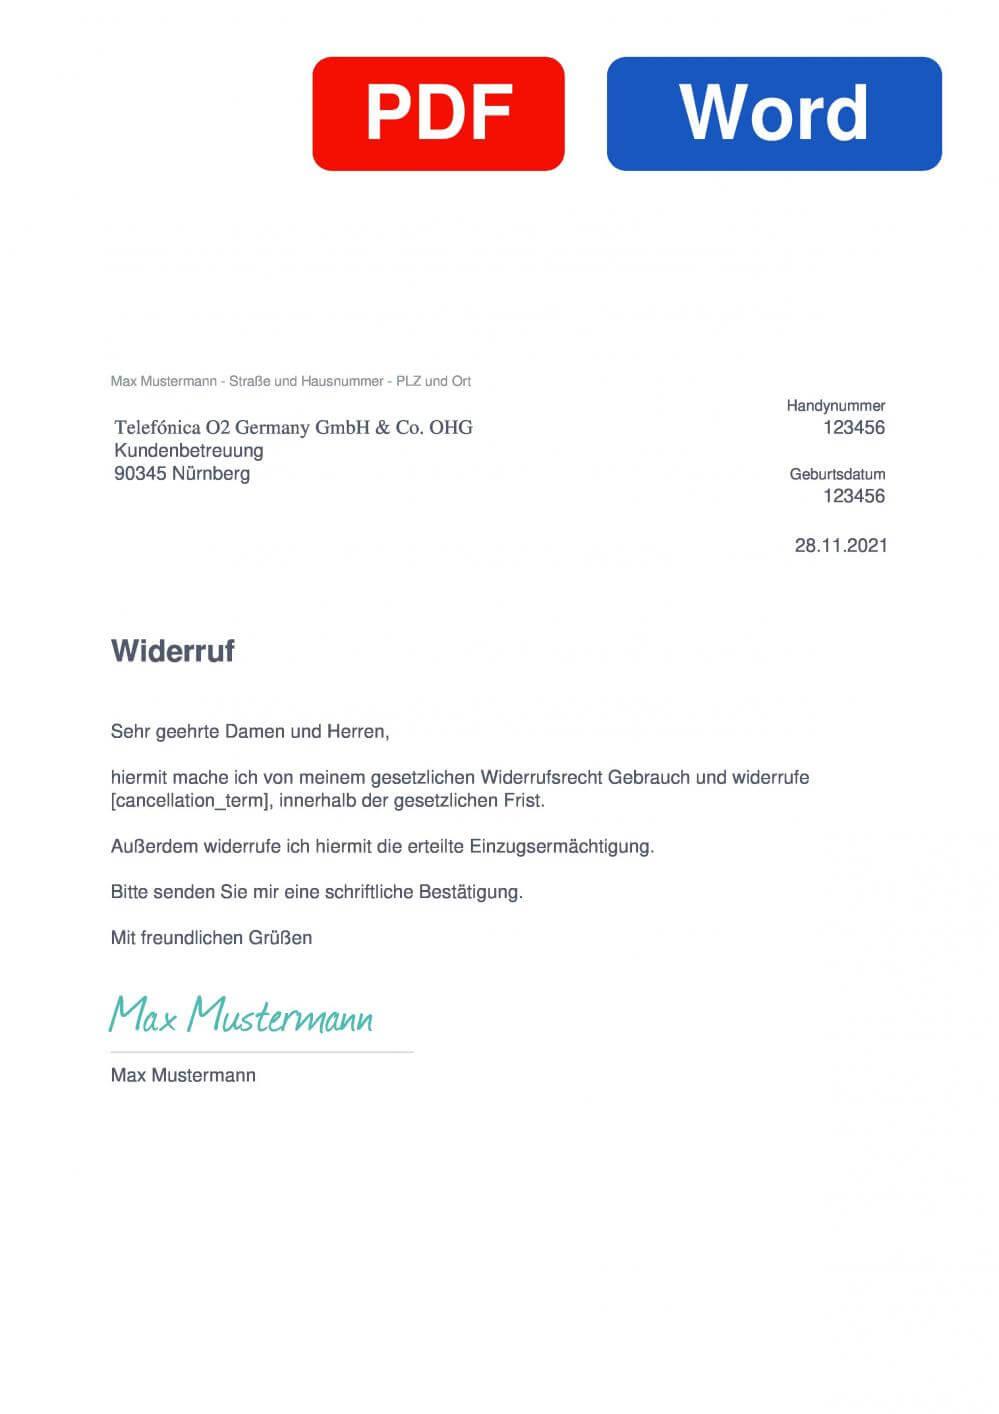 o2 Handyvertrag Muster Vorlage für Wiederrufsschreiben